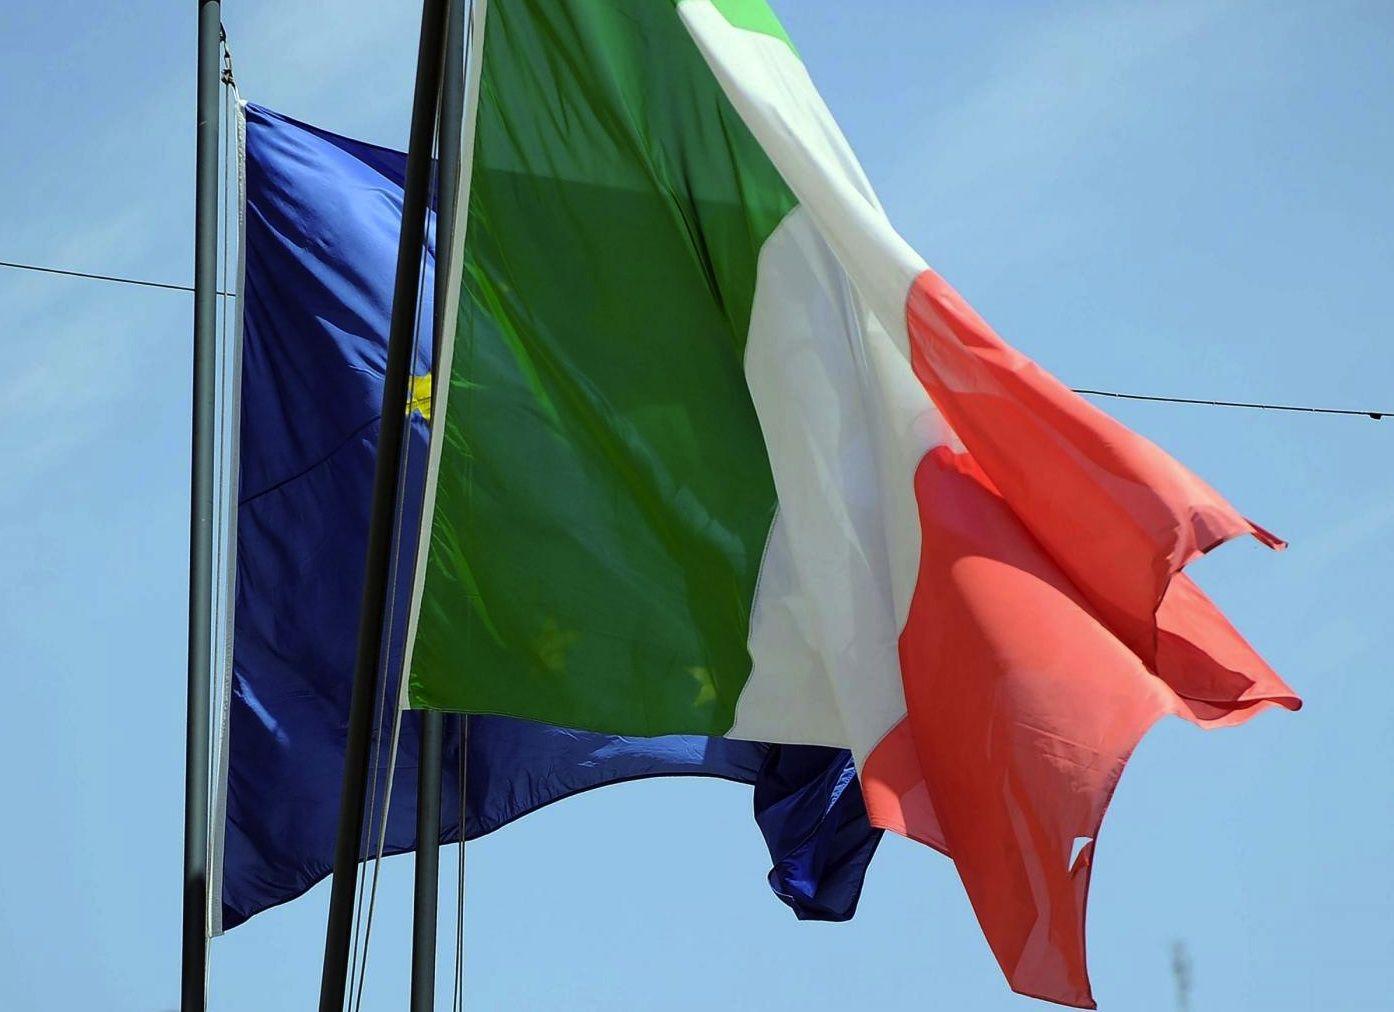 Regioni italiane, numero ridotto da 20 a 12: come sarà la nuova geografia politica italiana?